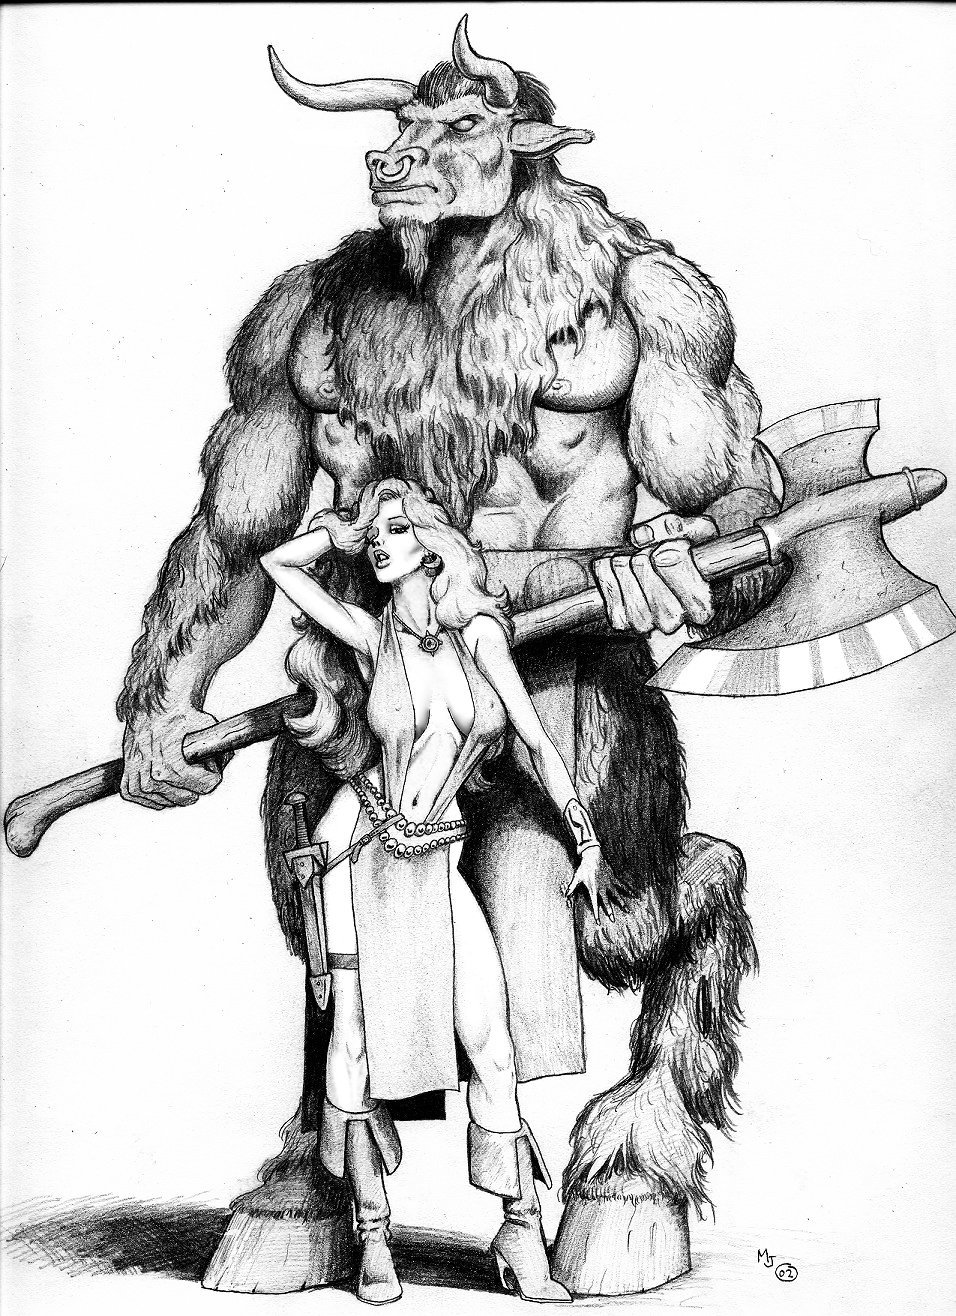 Garok Duhr and Joanna by mjarrett1000